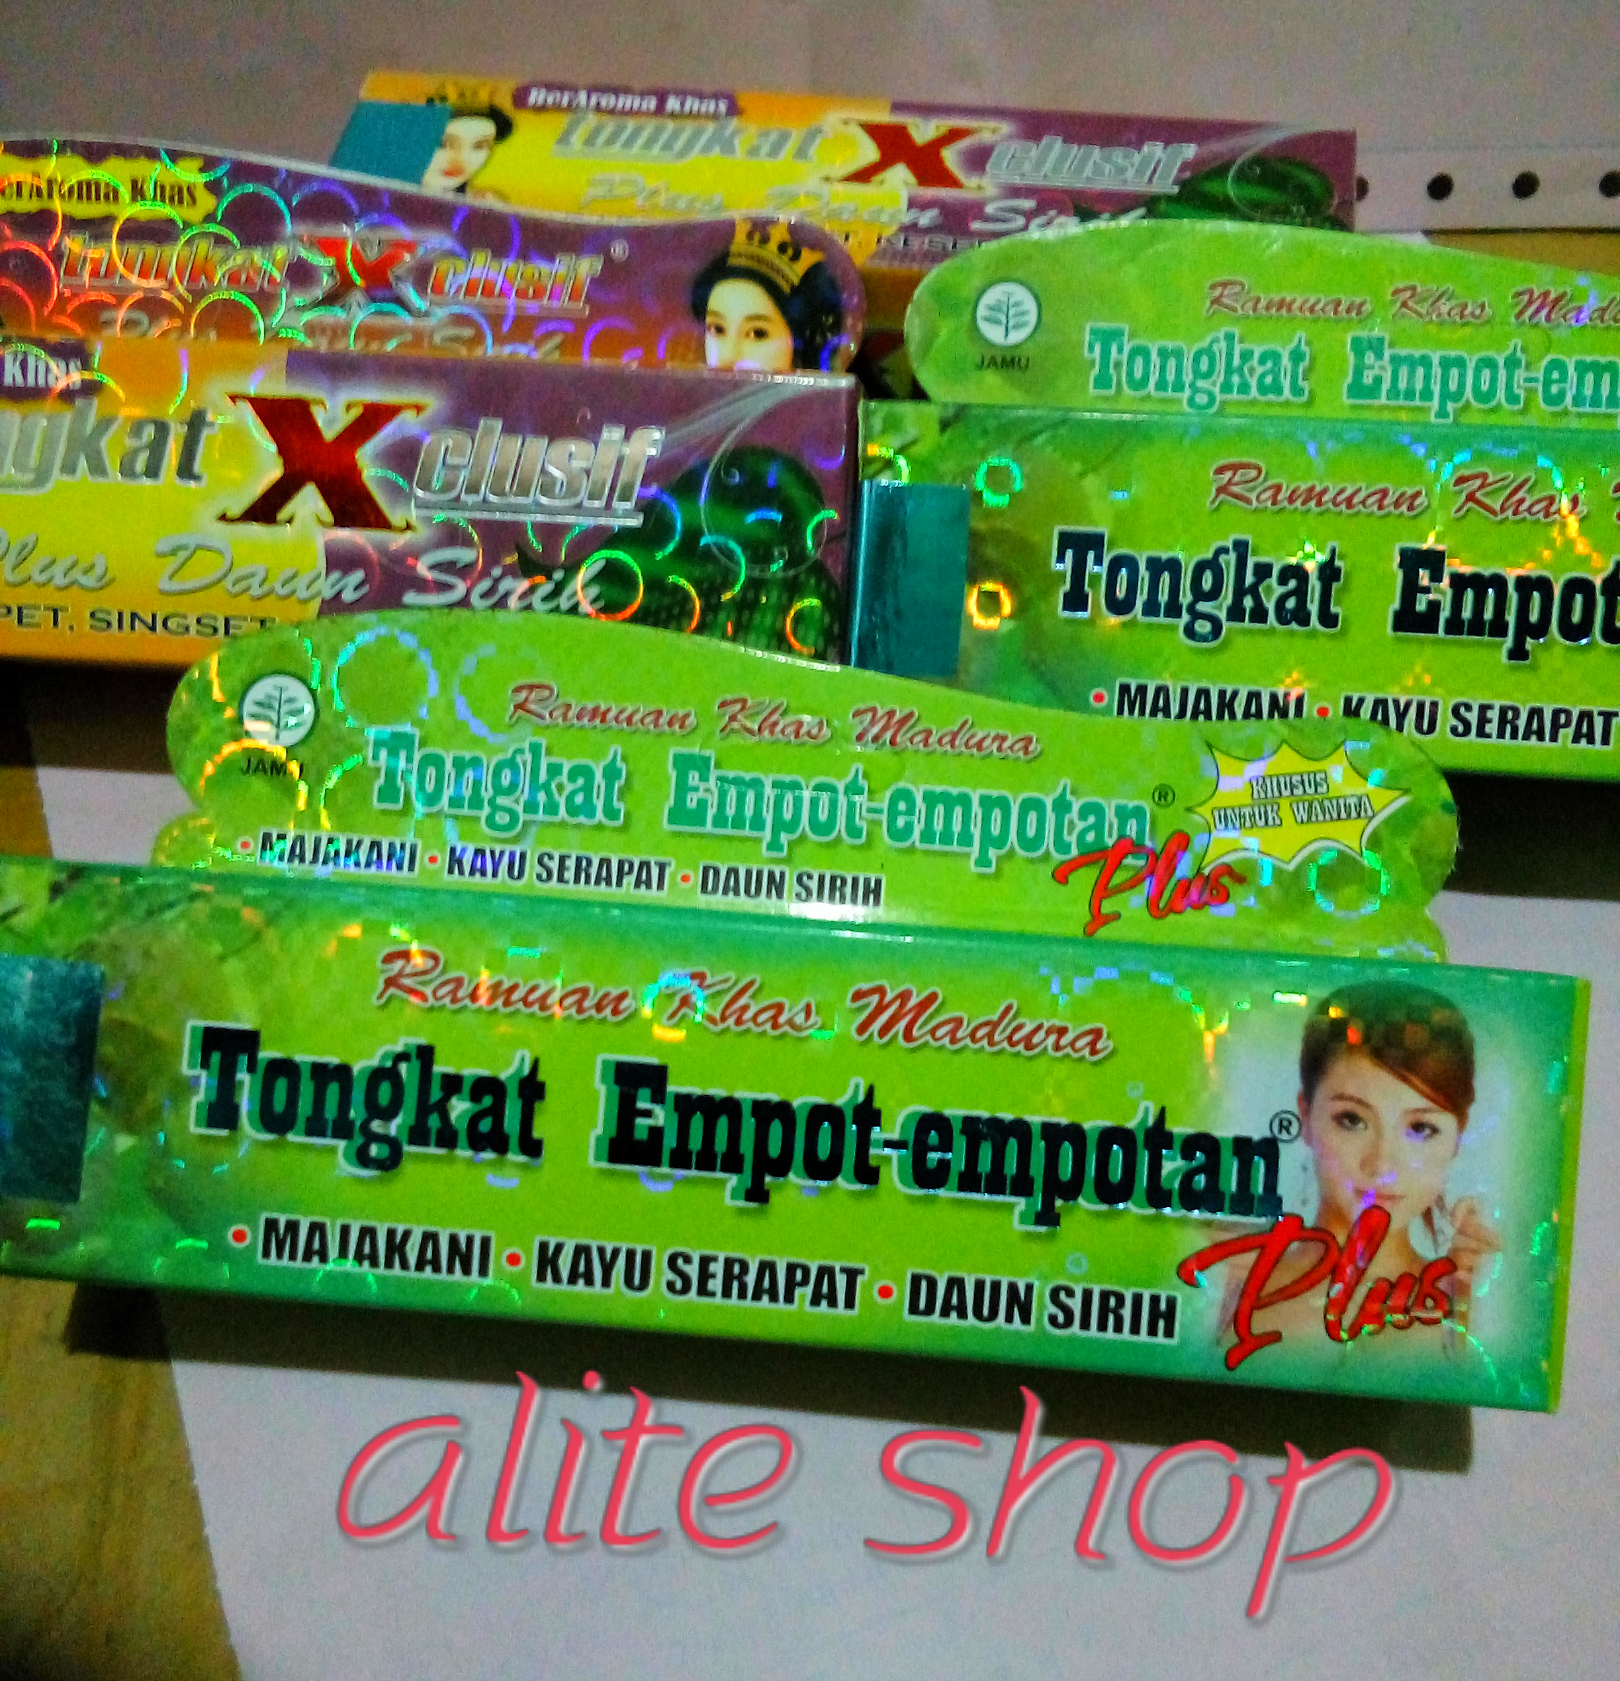 Jual Tongkat Madura Empot Empotanexlusif Alite Shop Tokopedia